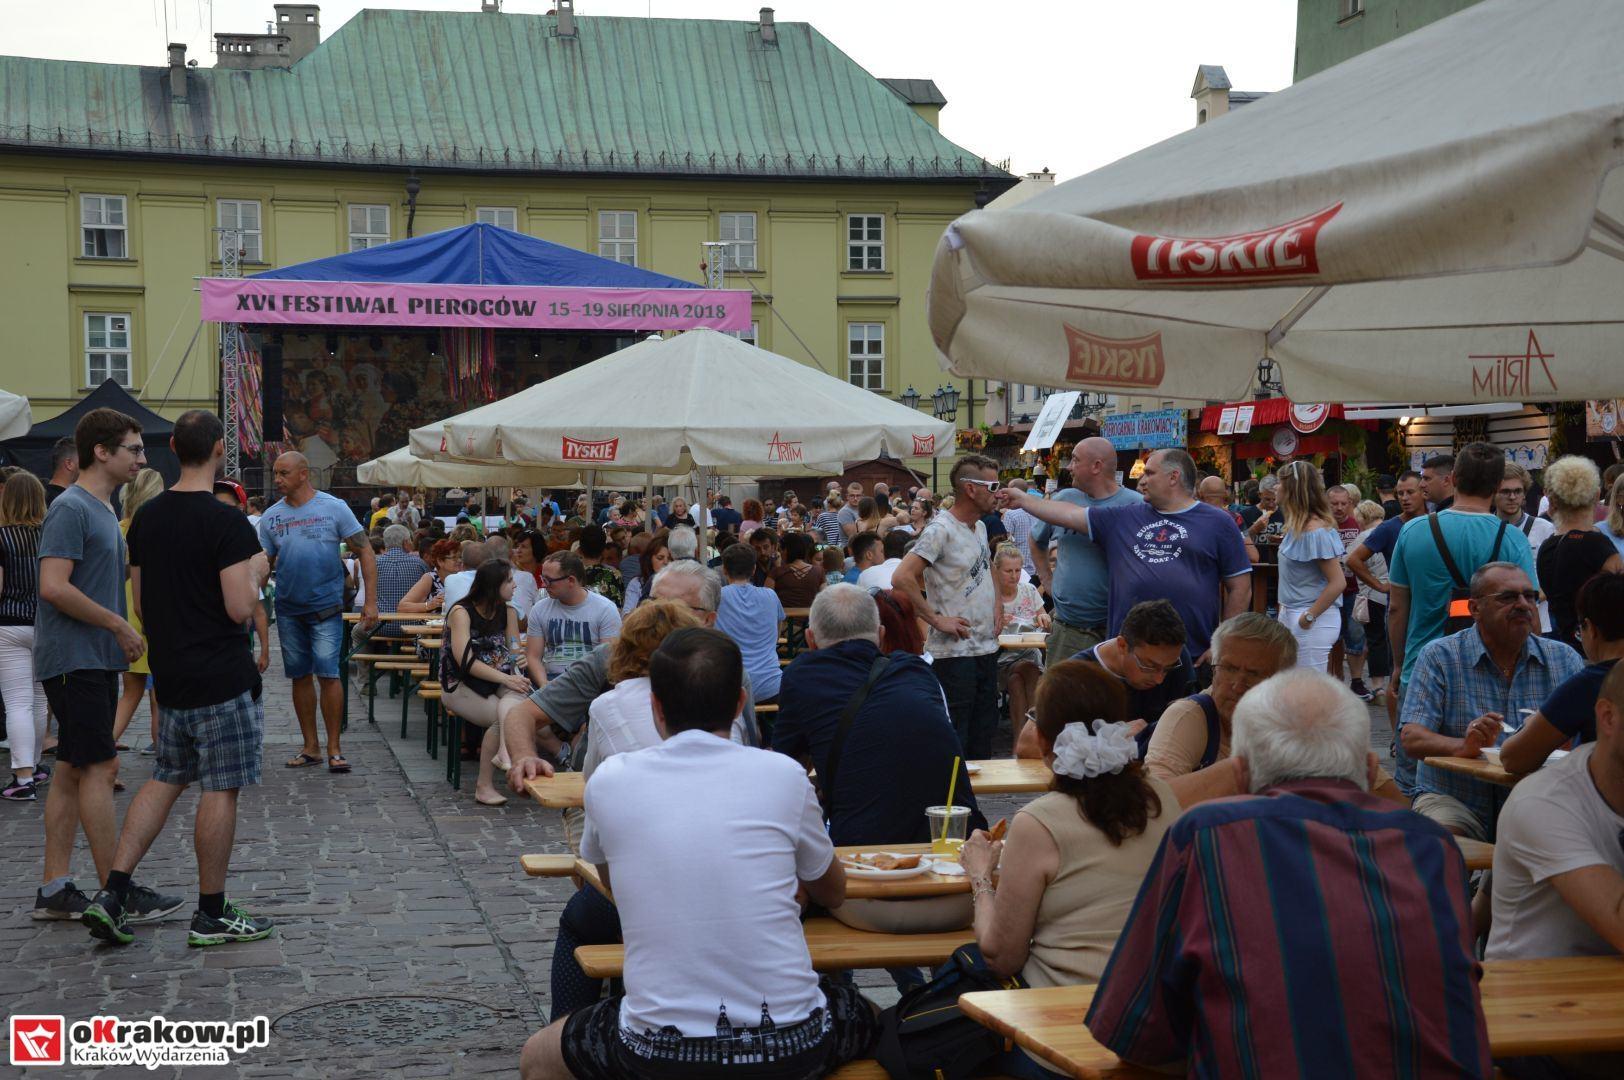 krakow festiwal pierogow maly rynek koncert cheap tobacco 79 150x150 - Galeria zdjęć Festiwal Pierogów Kraków 2018 + zdjęcia z koncertu Cheap Tobacco